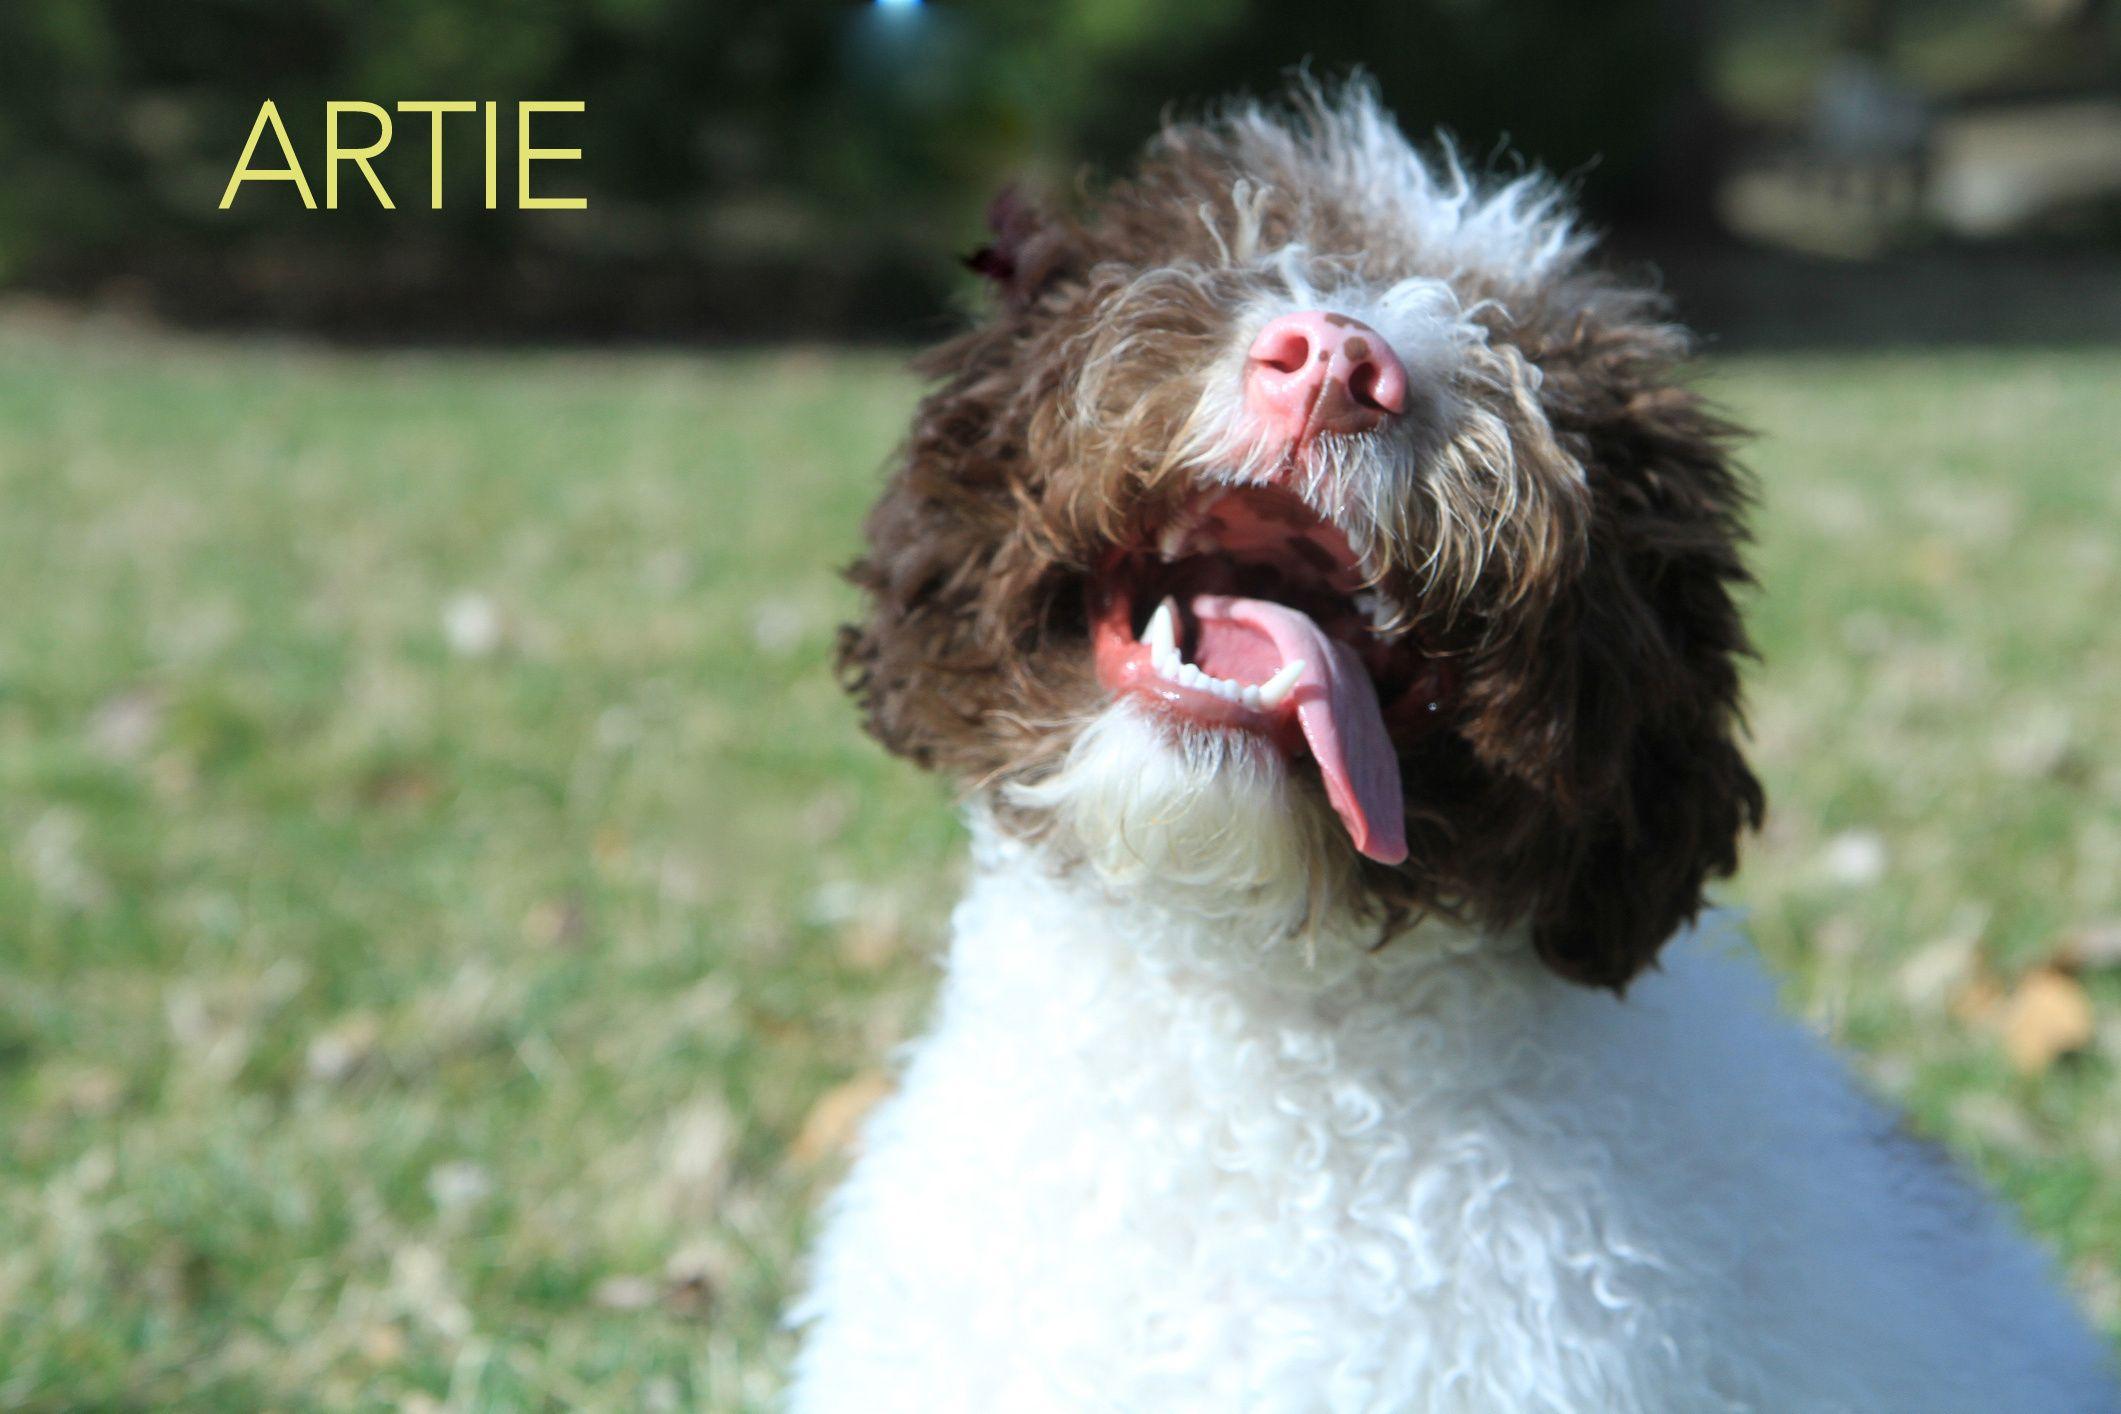 Lagotto Romagnolo Artie Lagotto Romagnolo Dogs